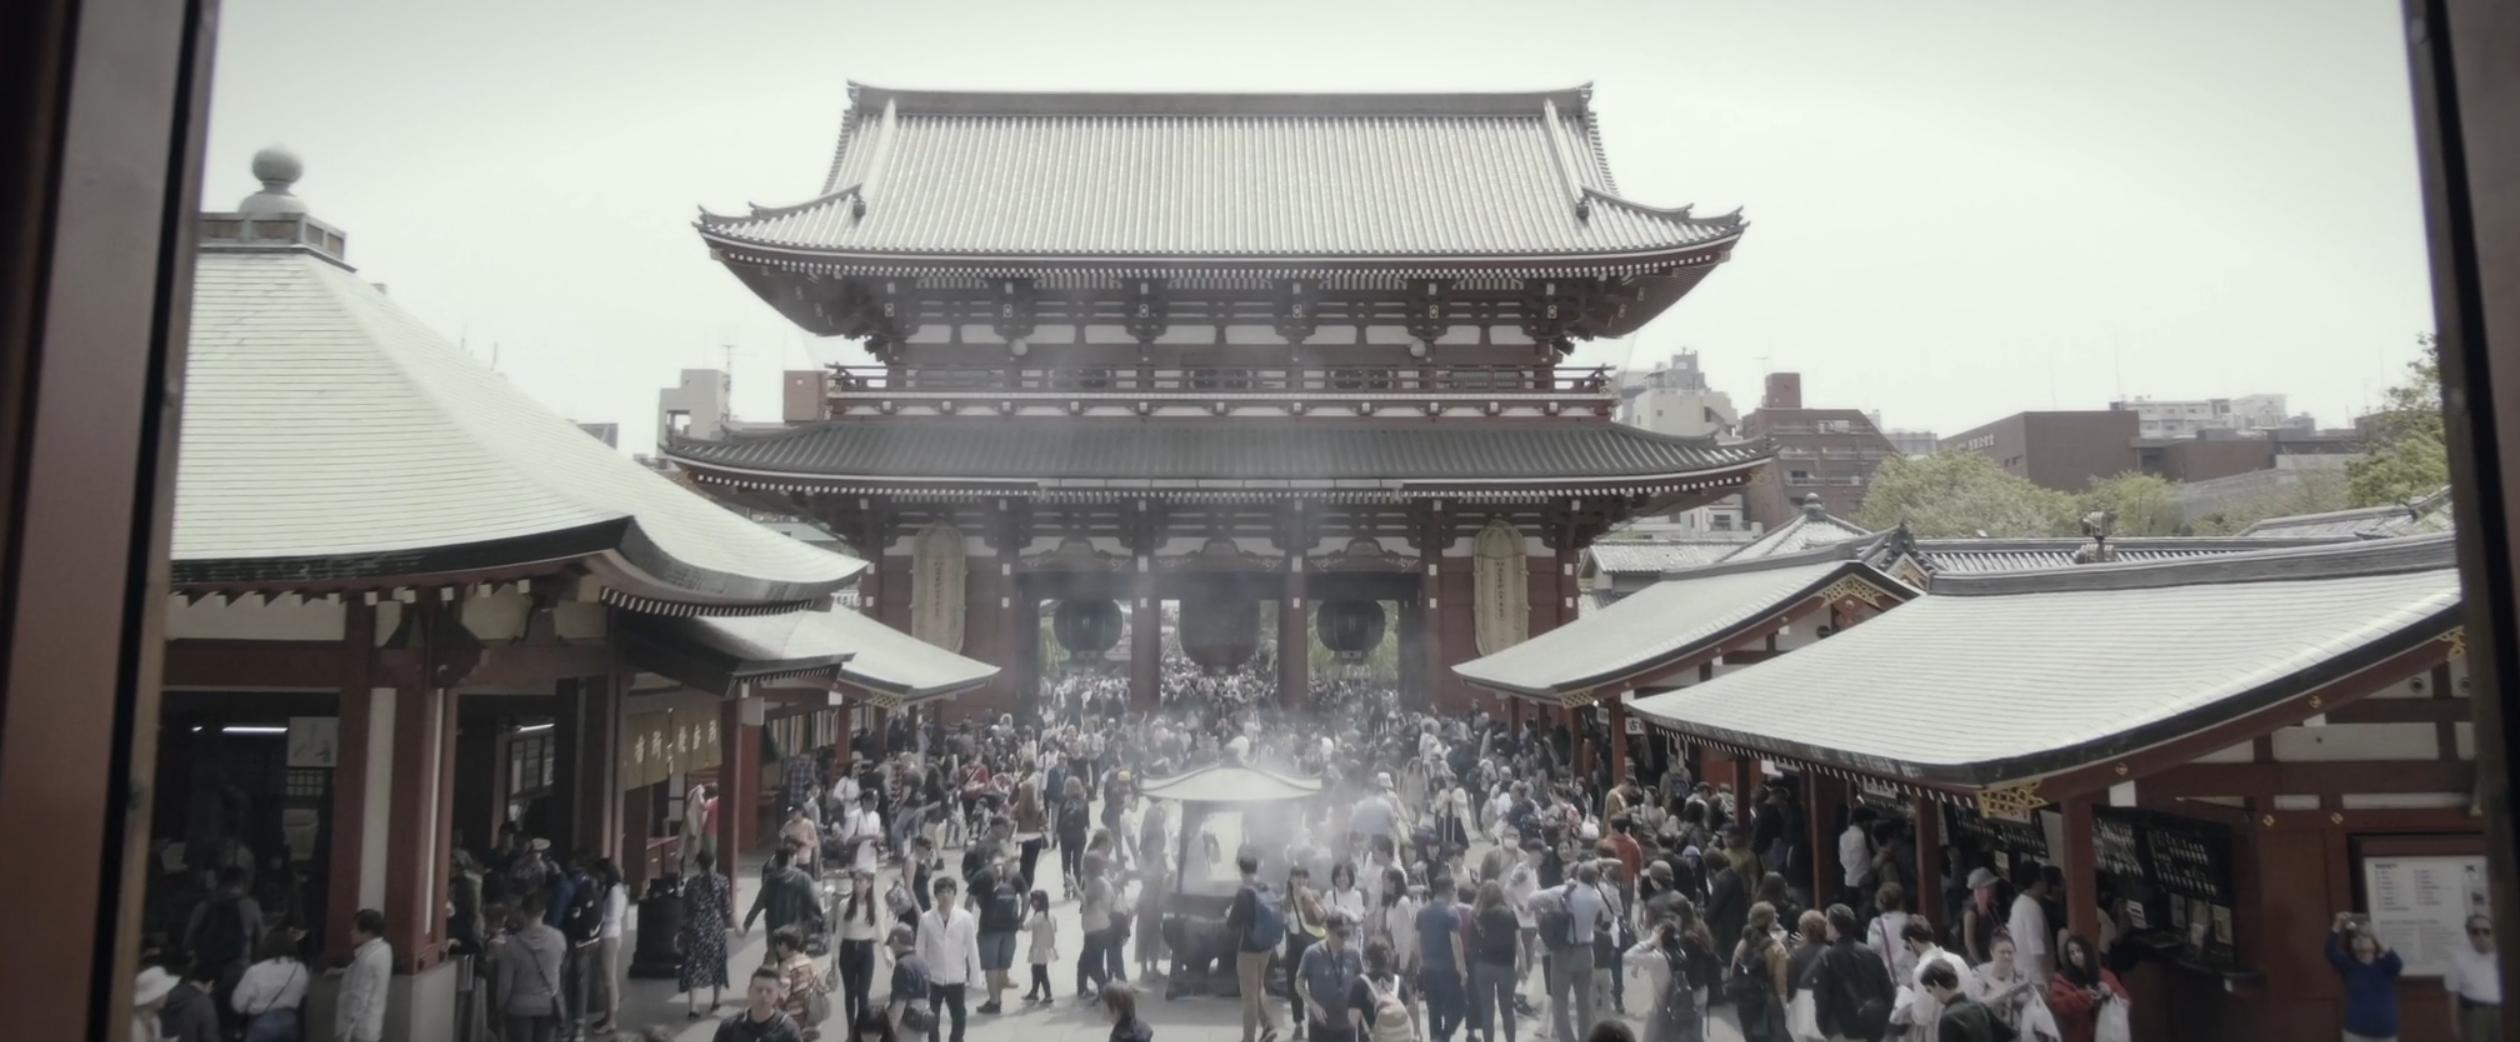 Ce film de 4 minutes propose un voyage express au Japon, entre tradition et modernité ! By Thomas R. Court-metrage-beaute-japon-7